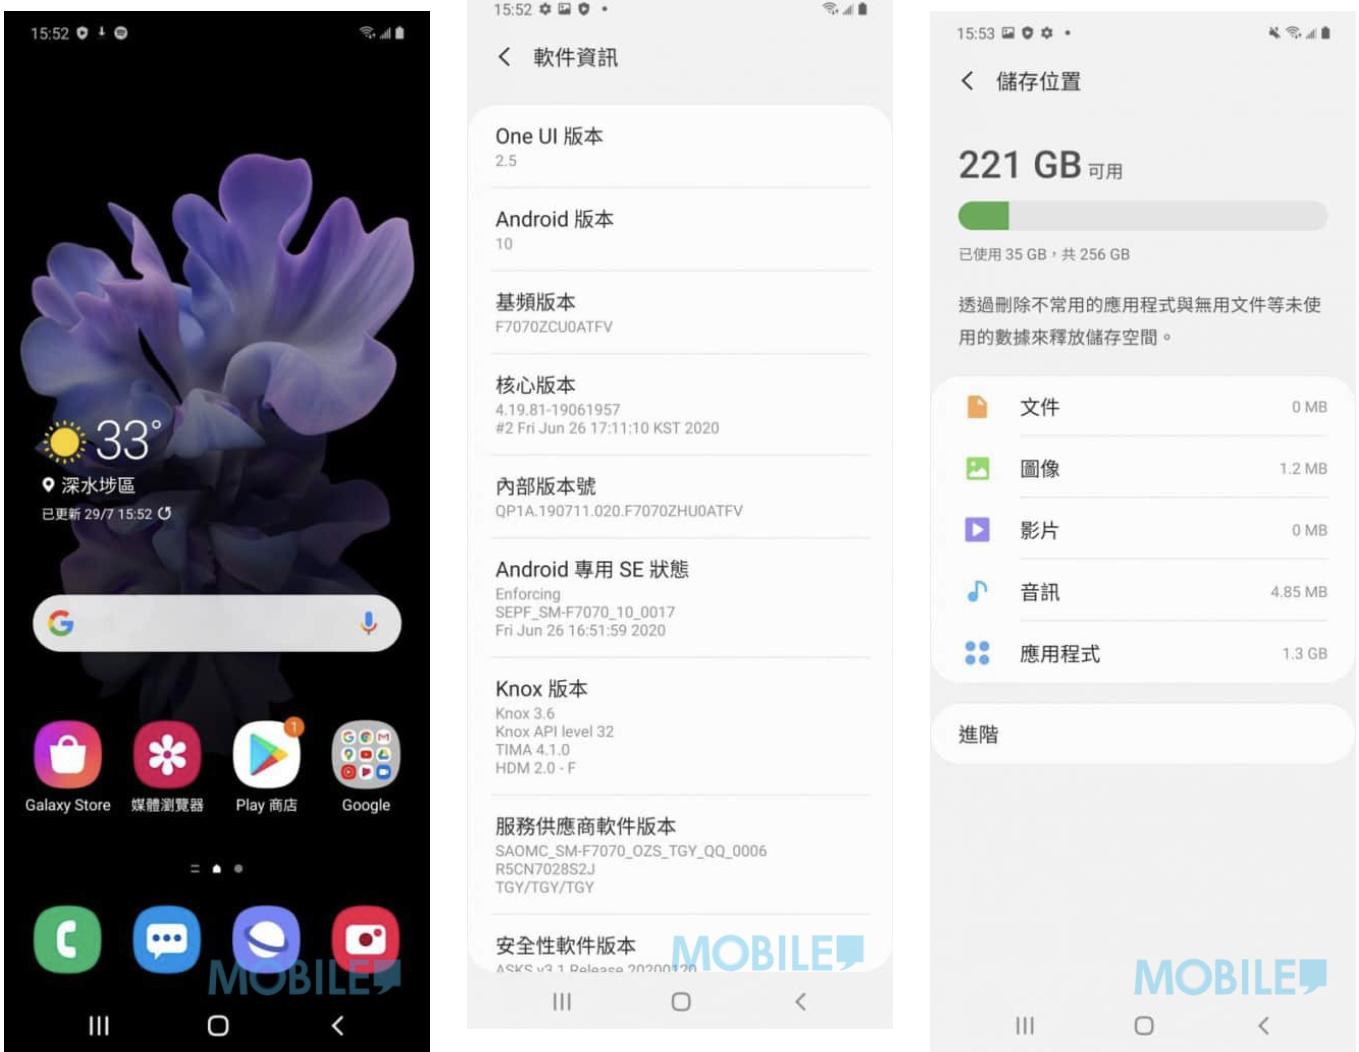 ▲用上最新 One UI 2.5 介面、同時啟動後具 221GB 可用空間